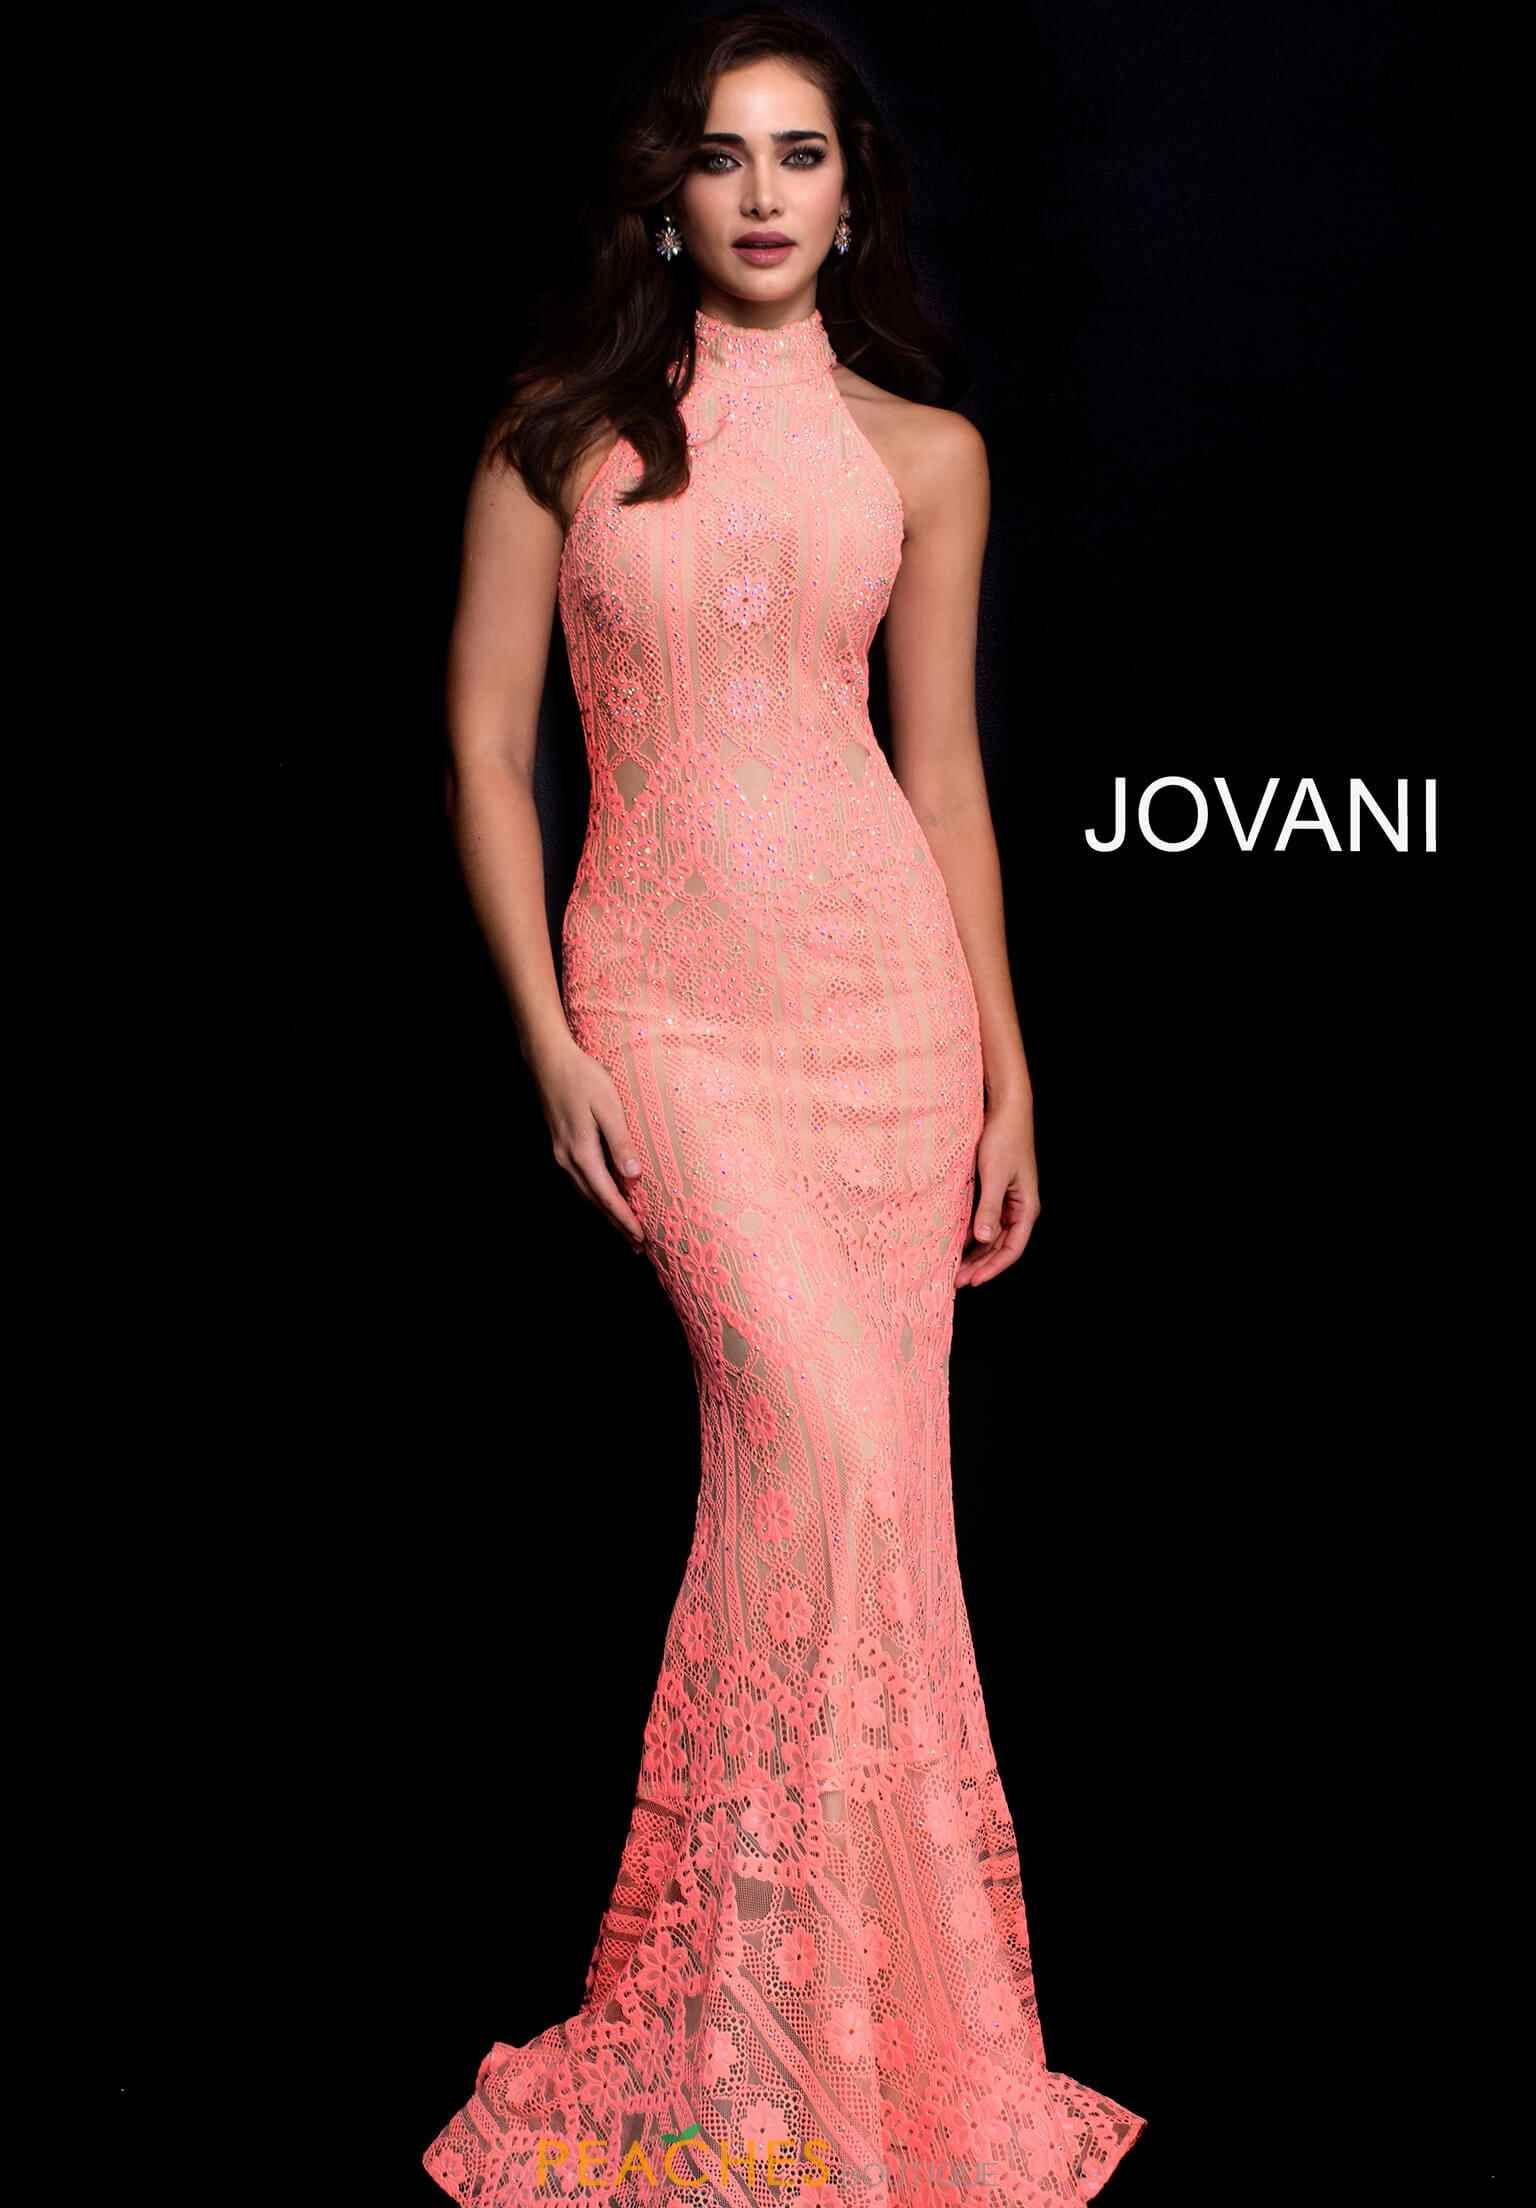 Bonito Vestido De Jovani De Graduación De Oro Bosquejo - Colección ...